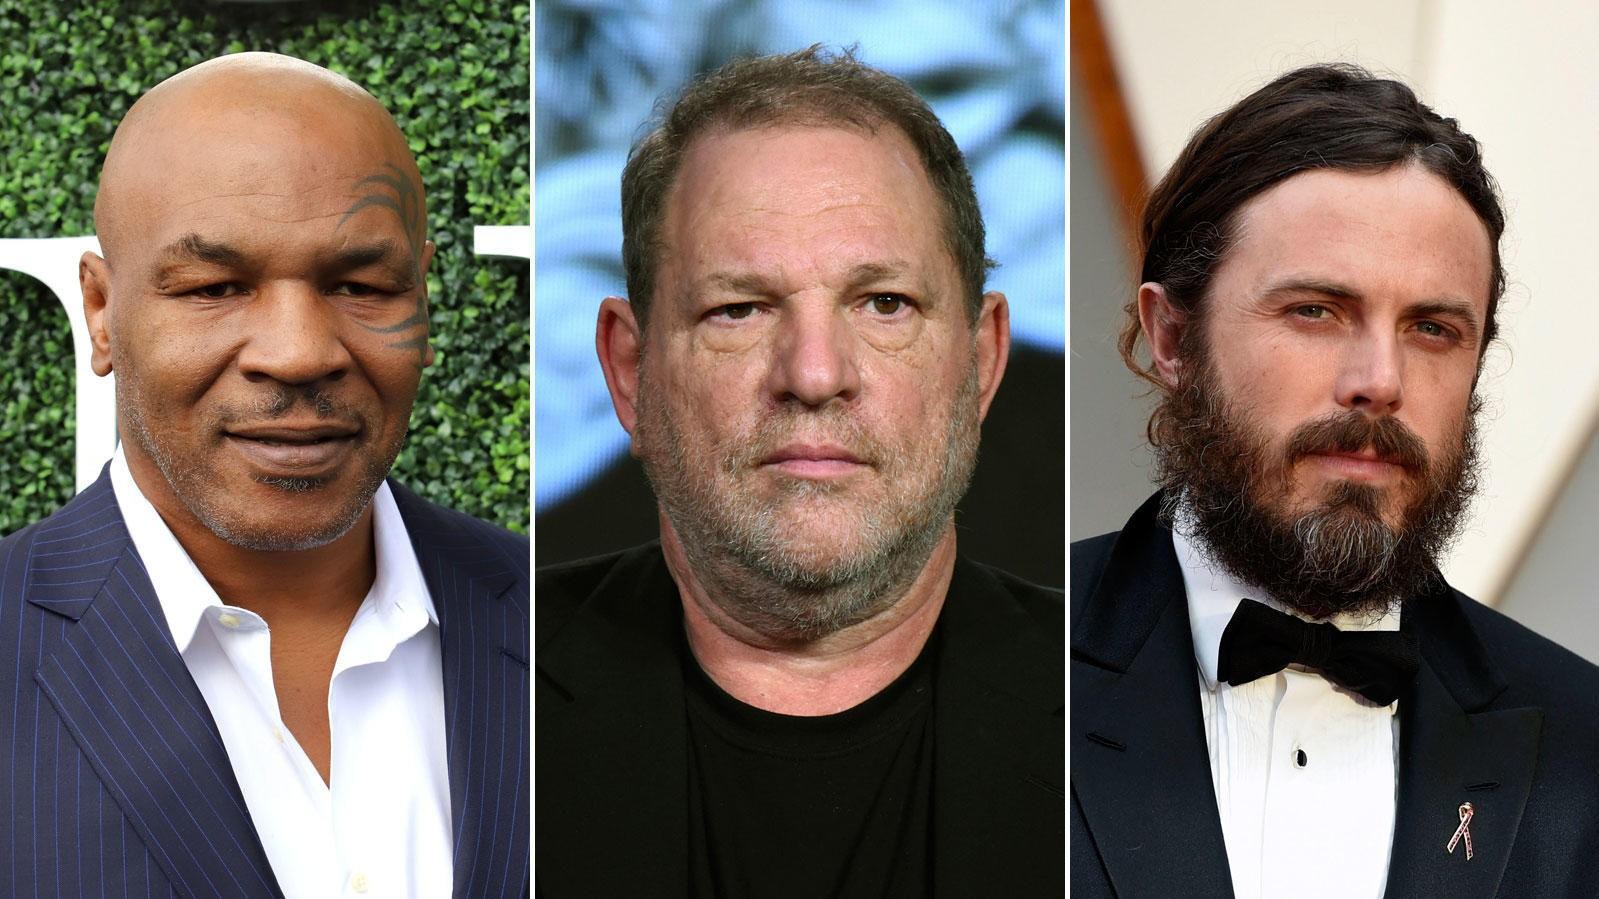 SUPERSTJERNER som Mike Tyson (til venstre), Harvey Weinstein (i midten) og Casey Affleck (til høyre) har alle blitt anklaget trakassering av kvinner.